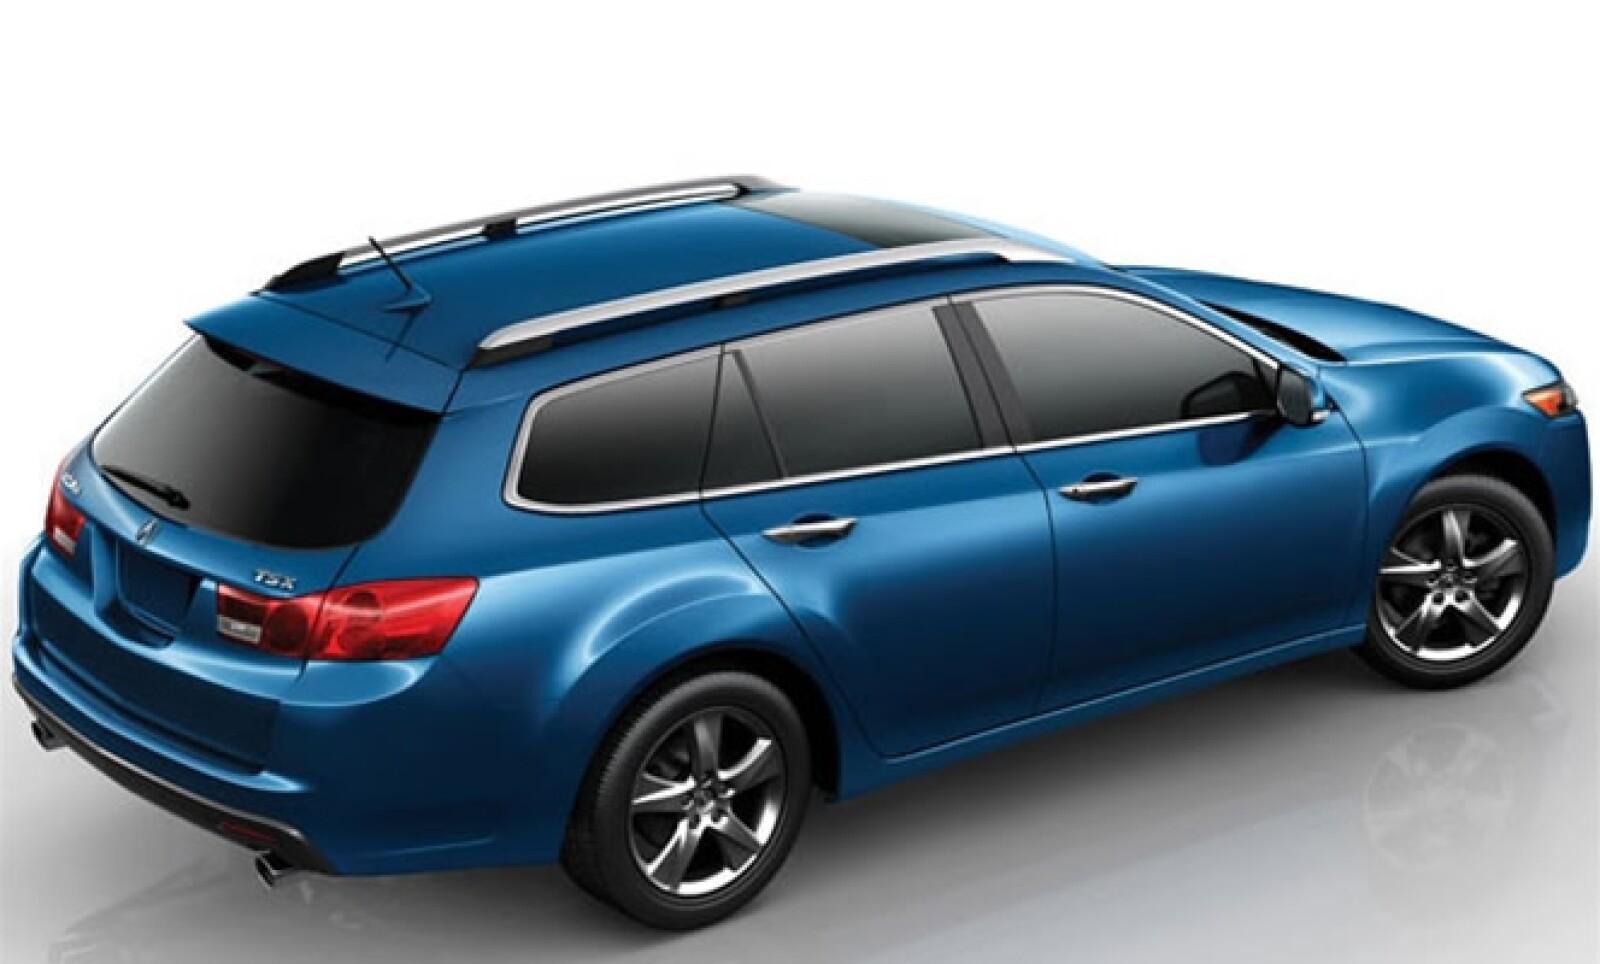 El AutoShow de Nueva York dejó en claro que la tendencia hacia los vehículos híbridos no para de crecer. La primera muestra es el Acura TSX Sport Wagon, que muestra un desempeño de lujo y ecológico.